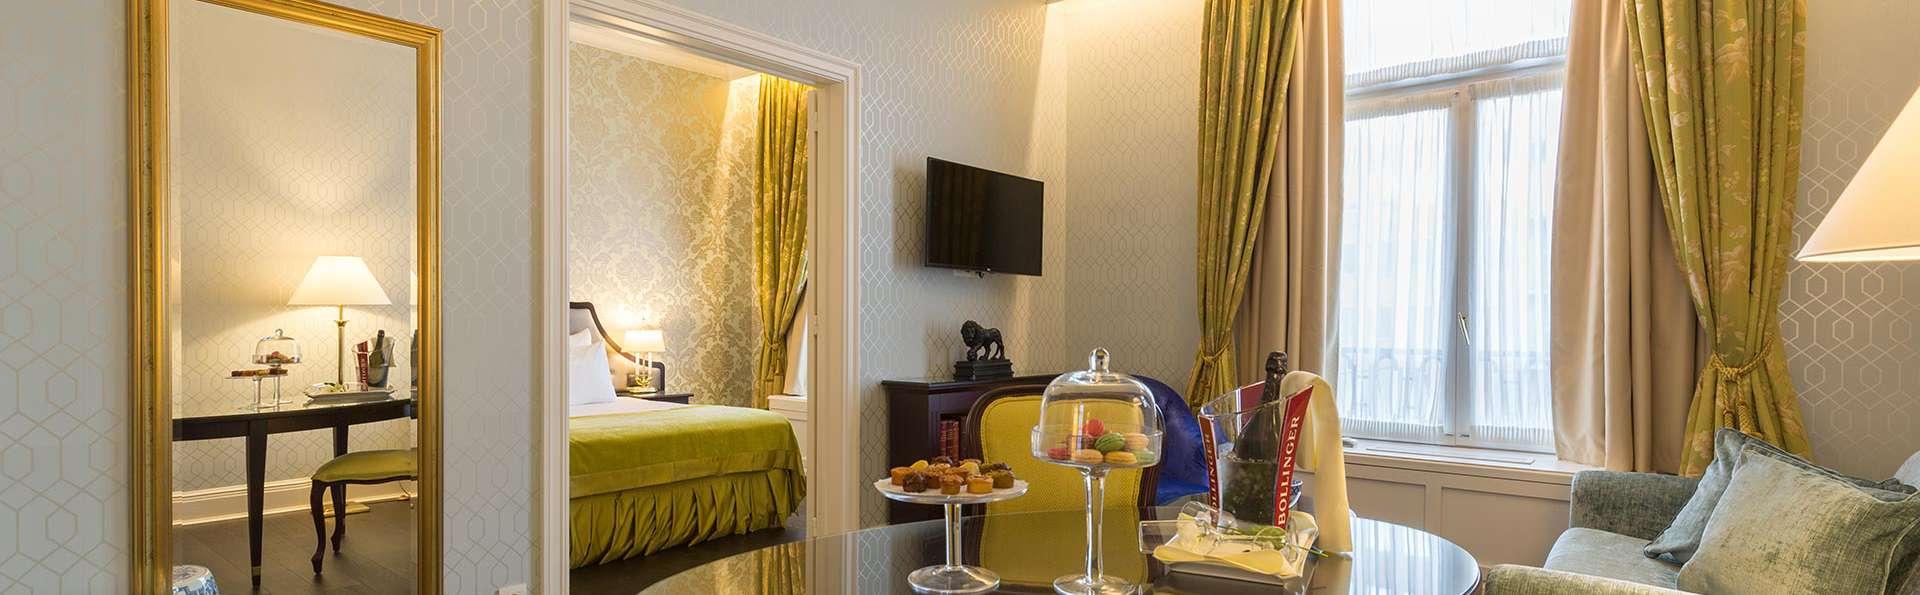 Confort, luxe et détente au cœur de Bruxelles